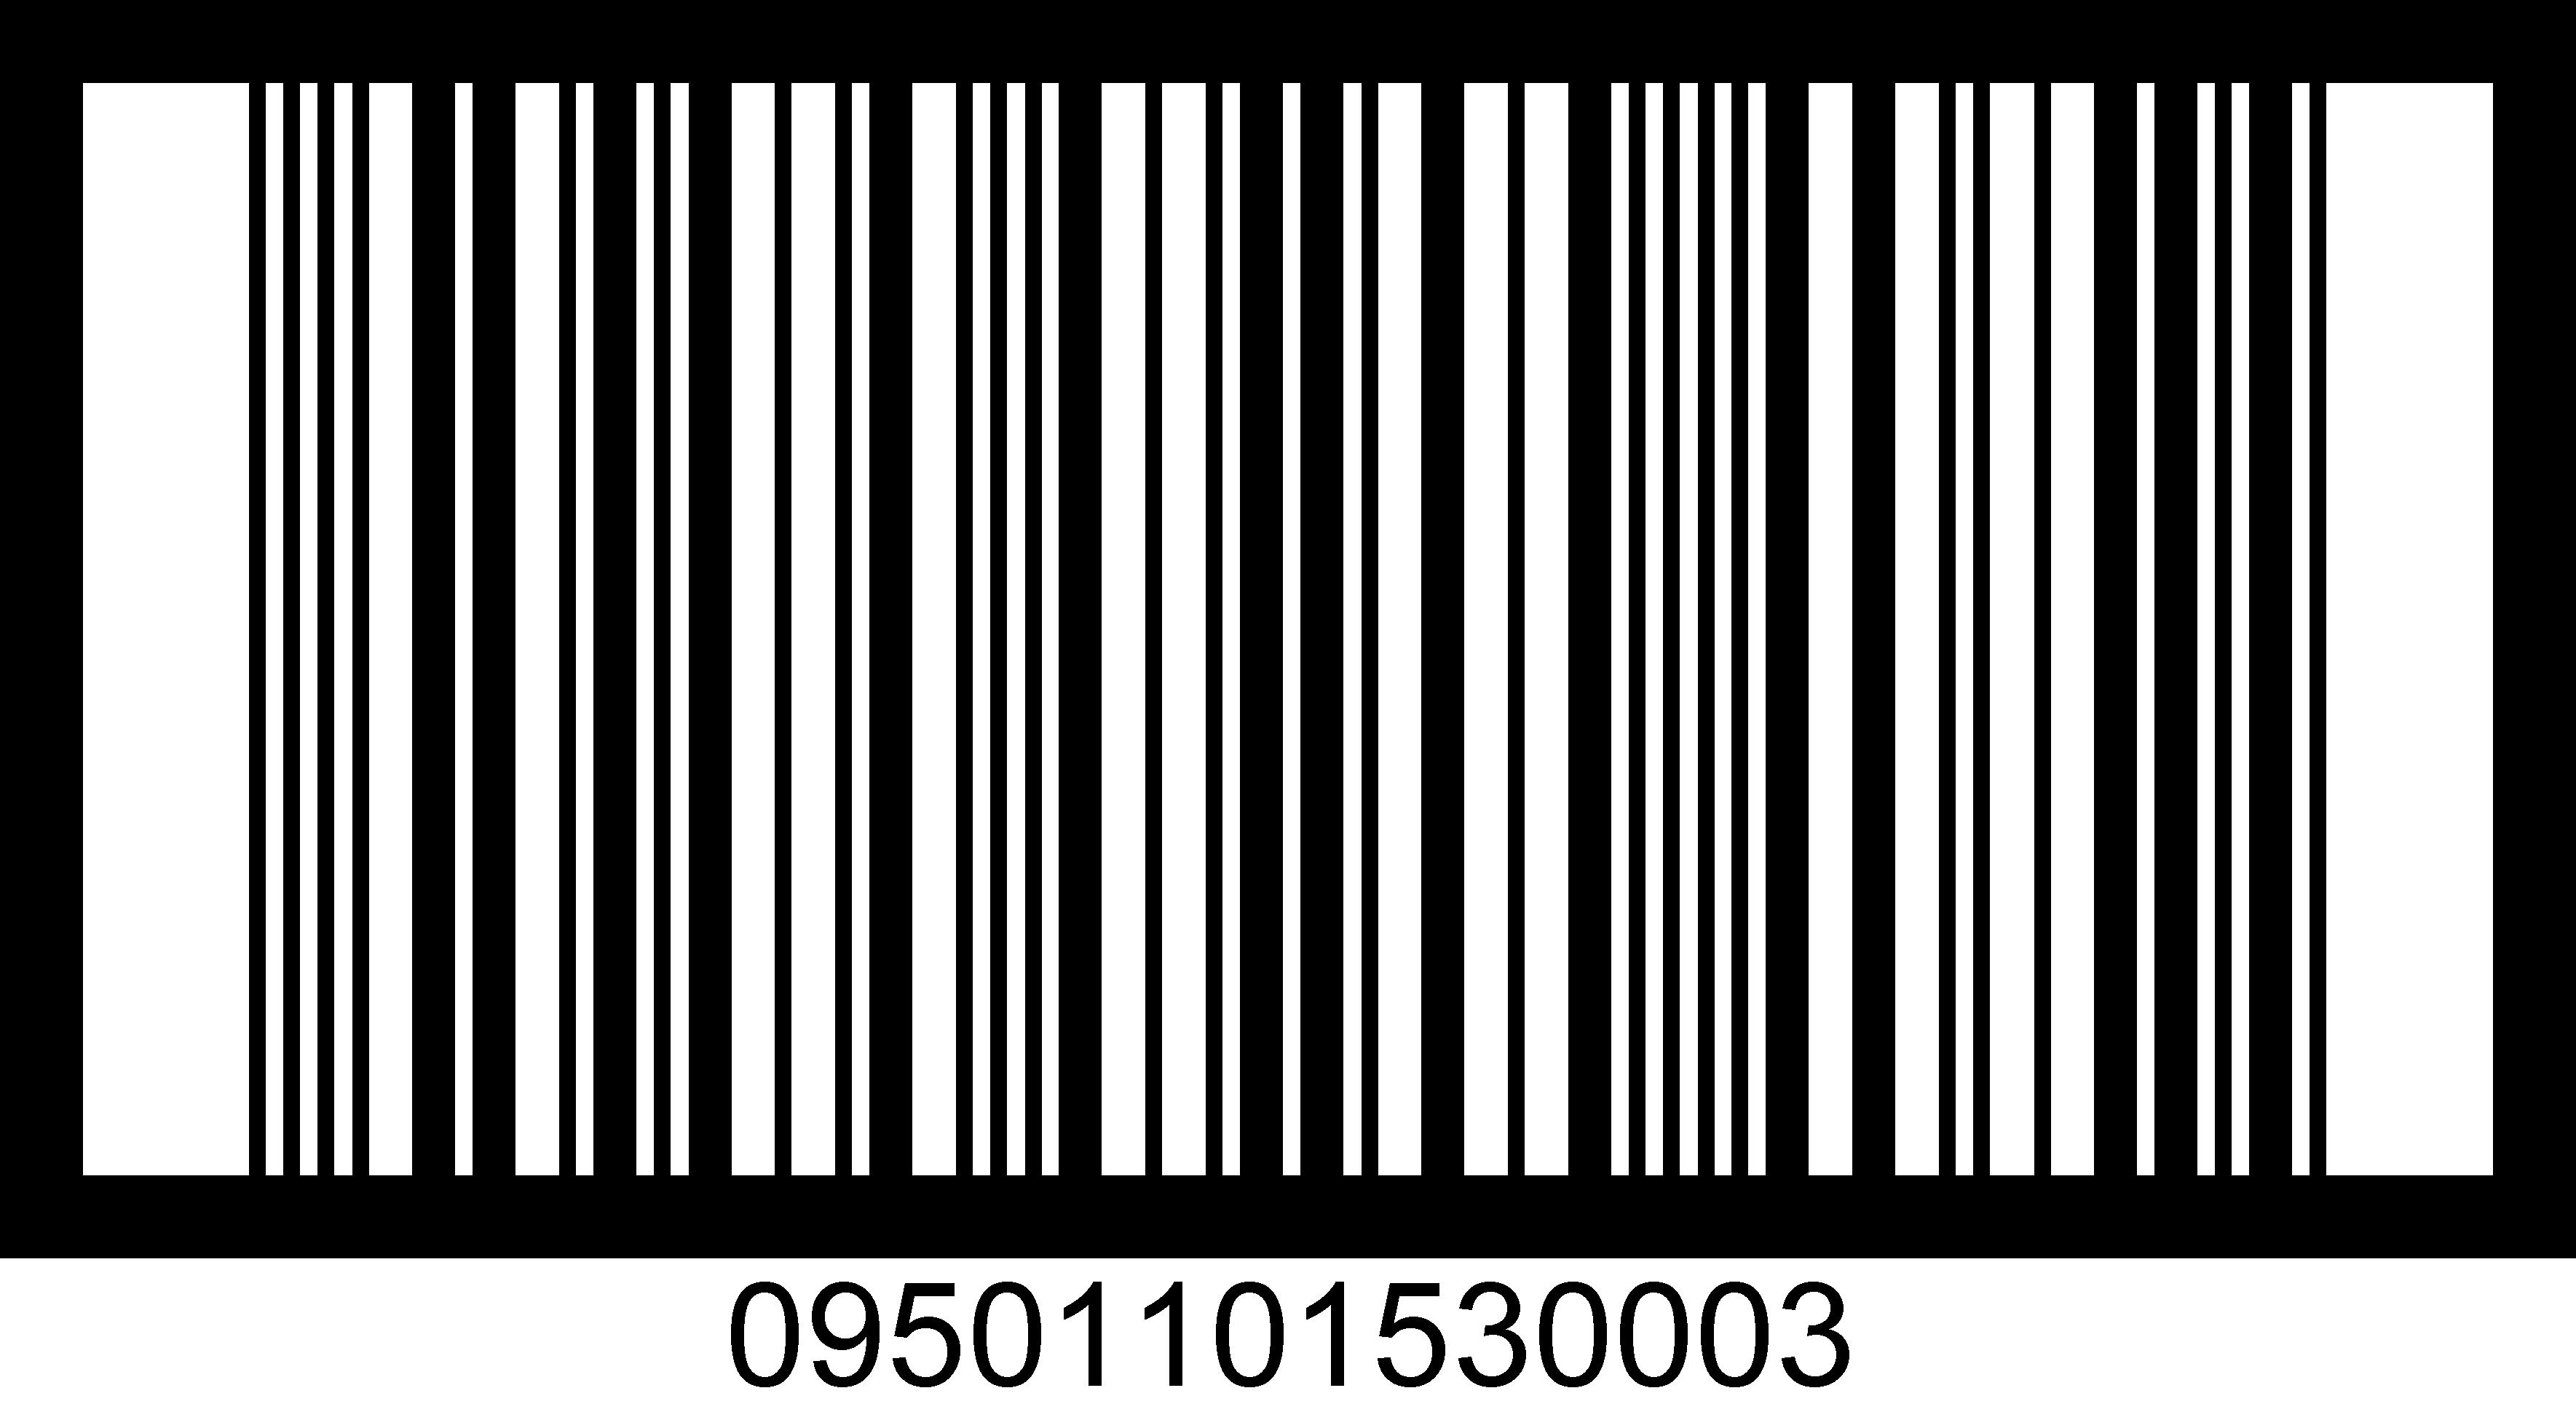 штрих код для открытки один очень немногих